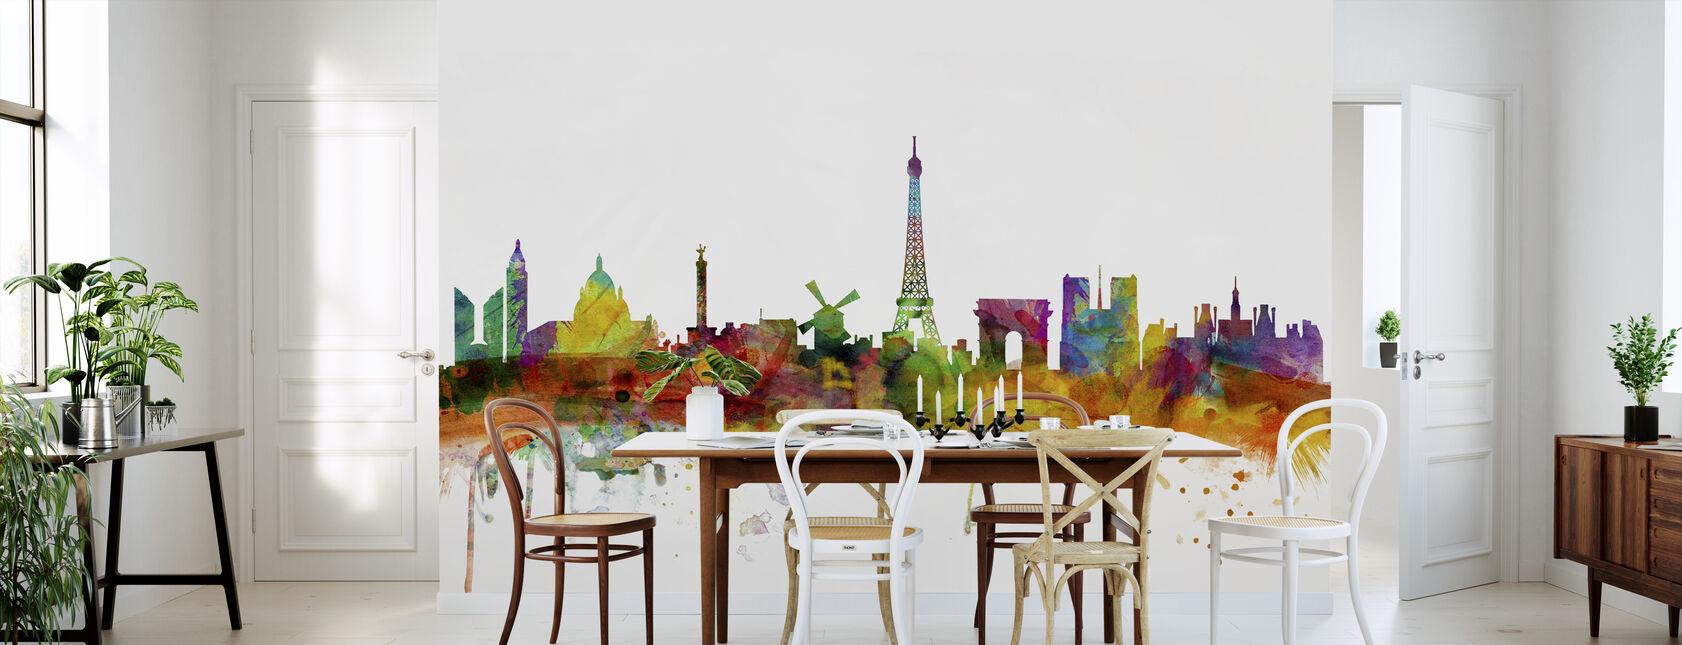 Paris Skyline - Wallpaper - Kitchen